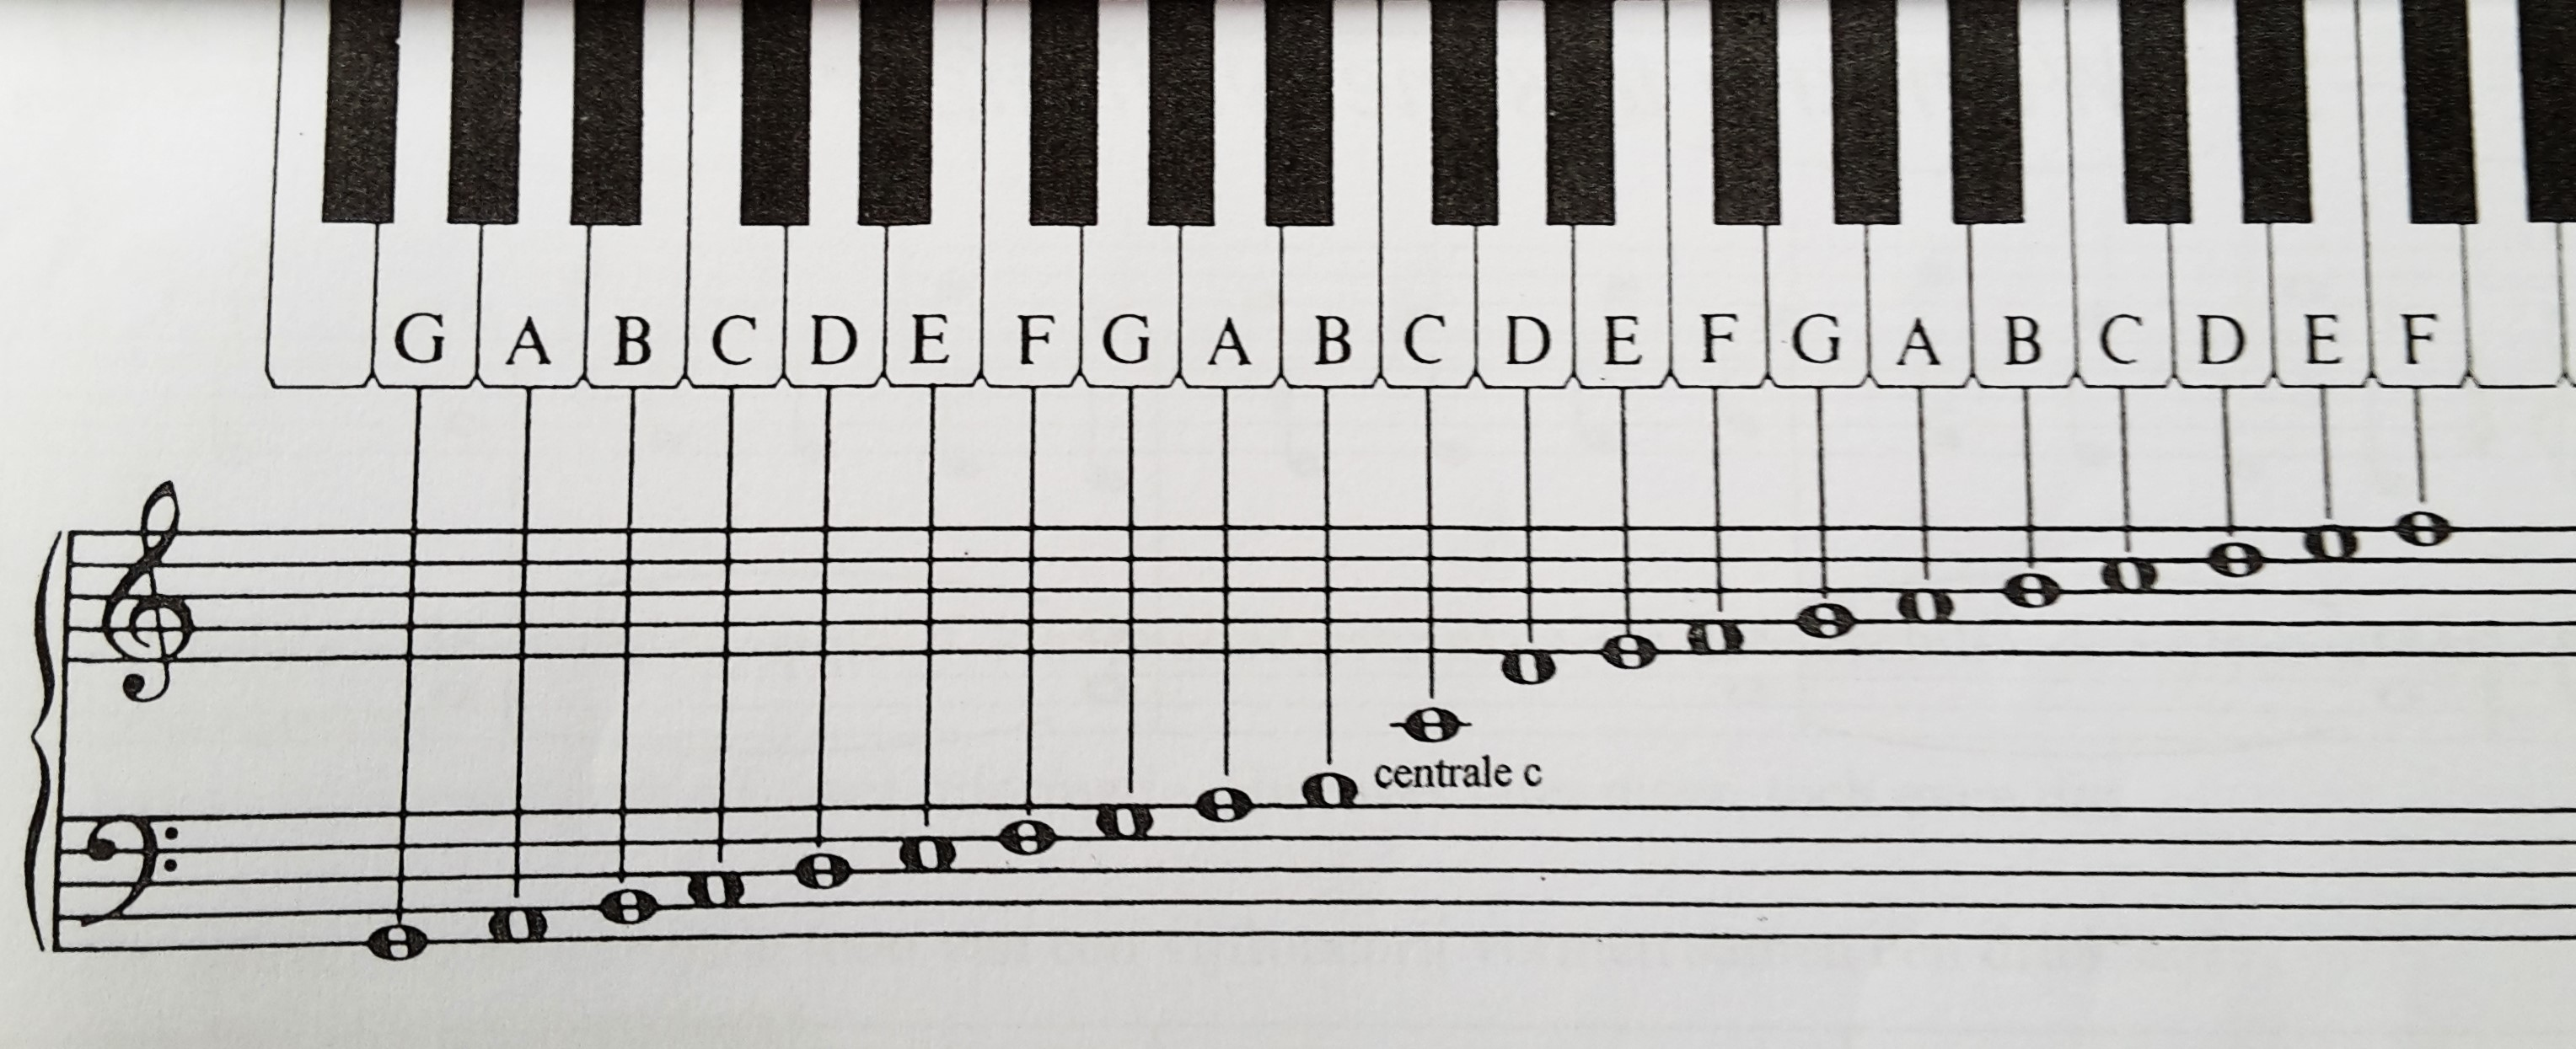 Noten lezen voor beginners 10 dingen die je moet weten muziekstudio legato - Afbeelding in ...